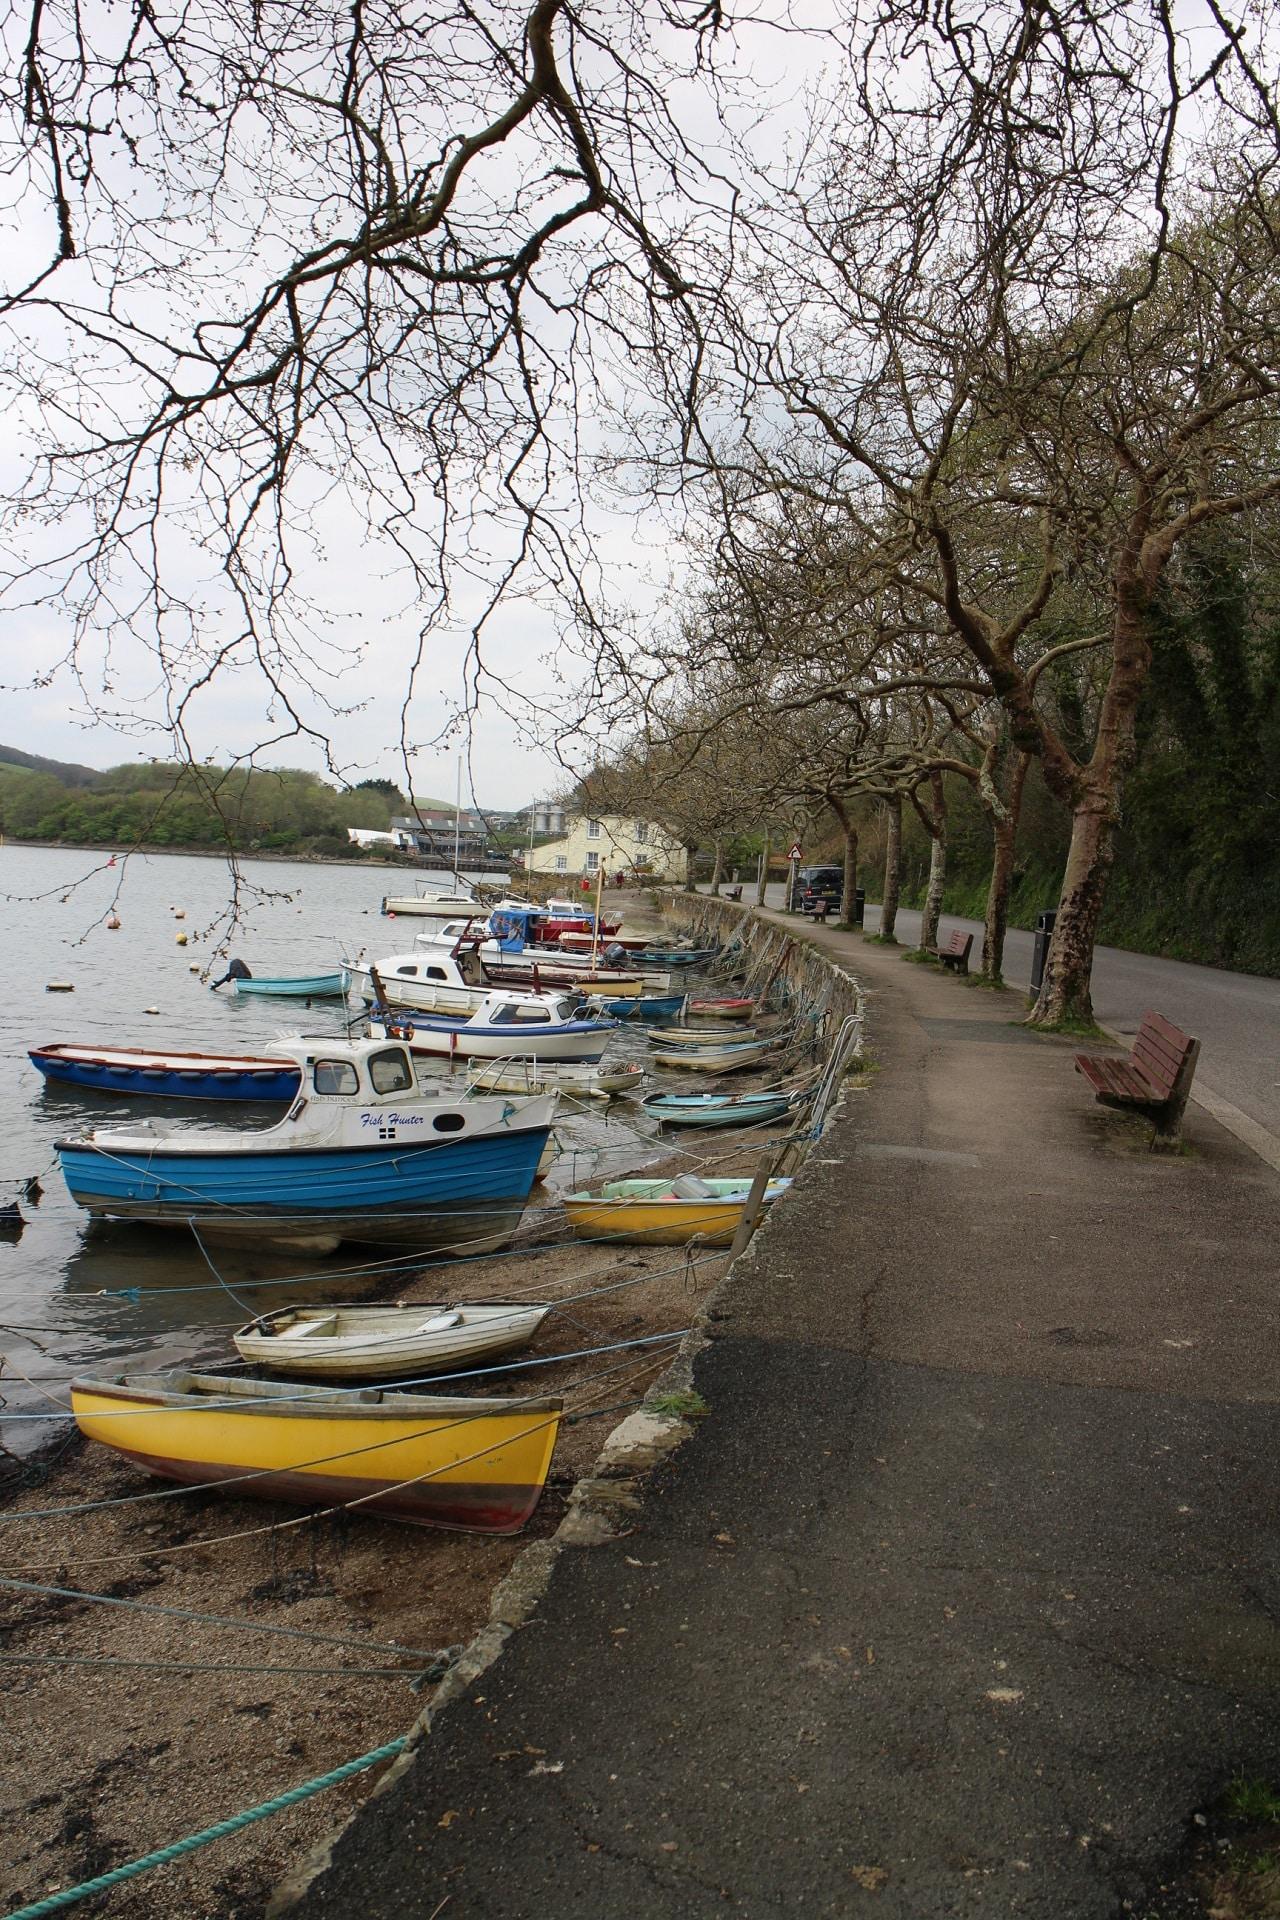 Boats moored up at Sunny Corner